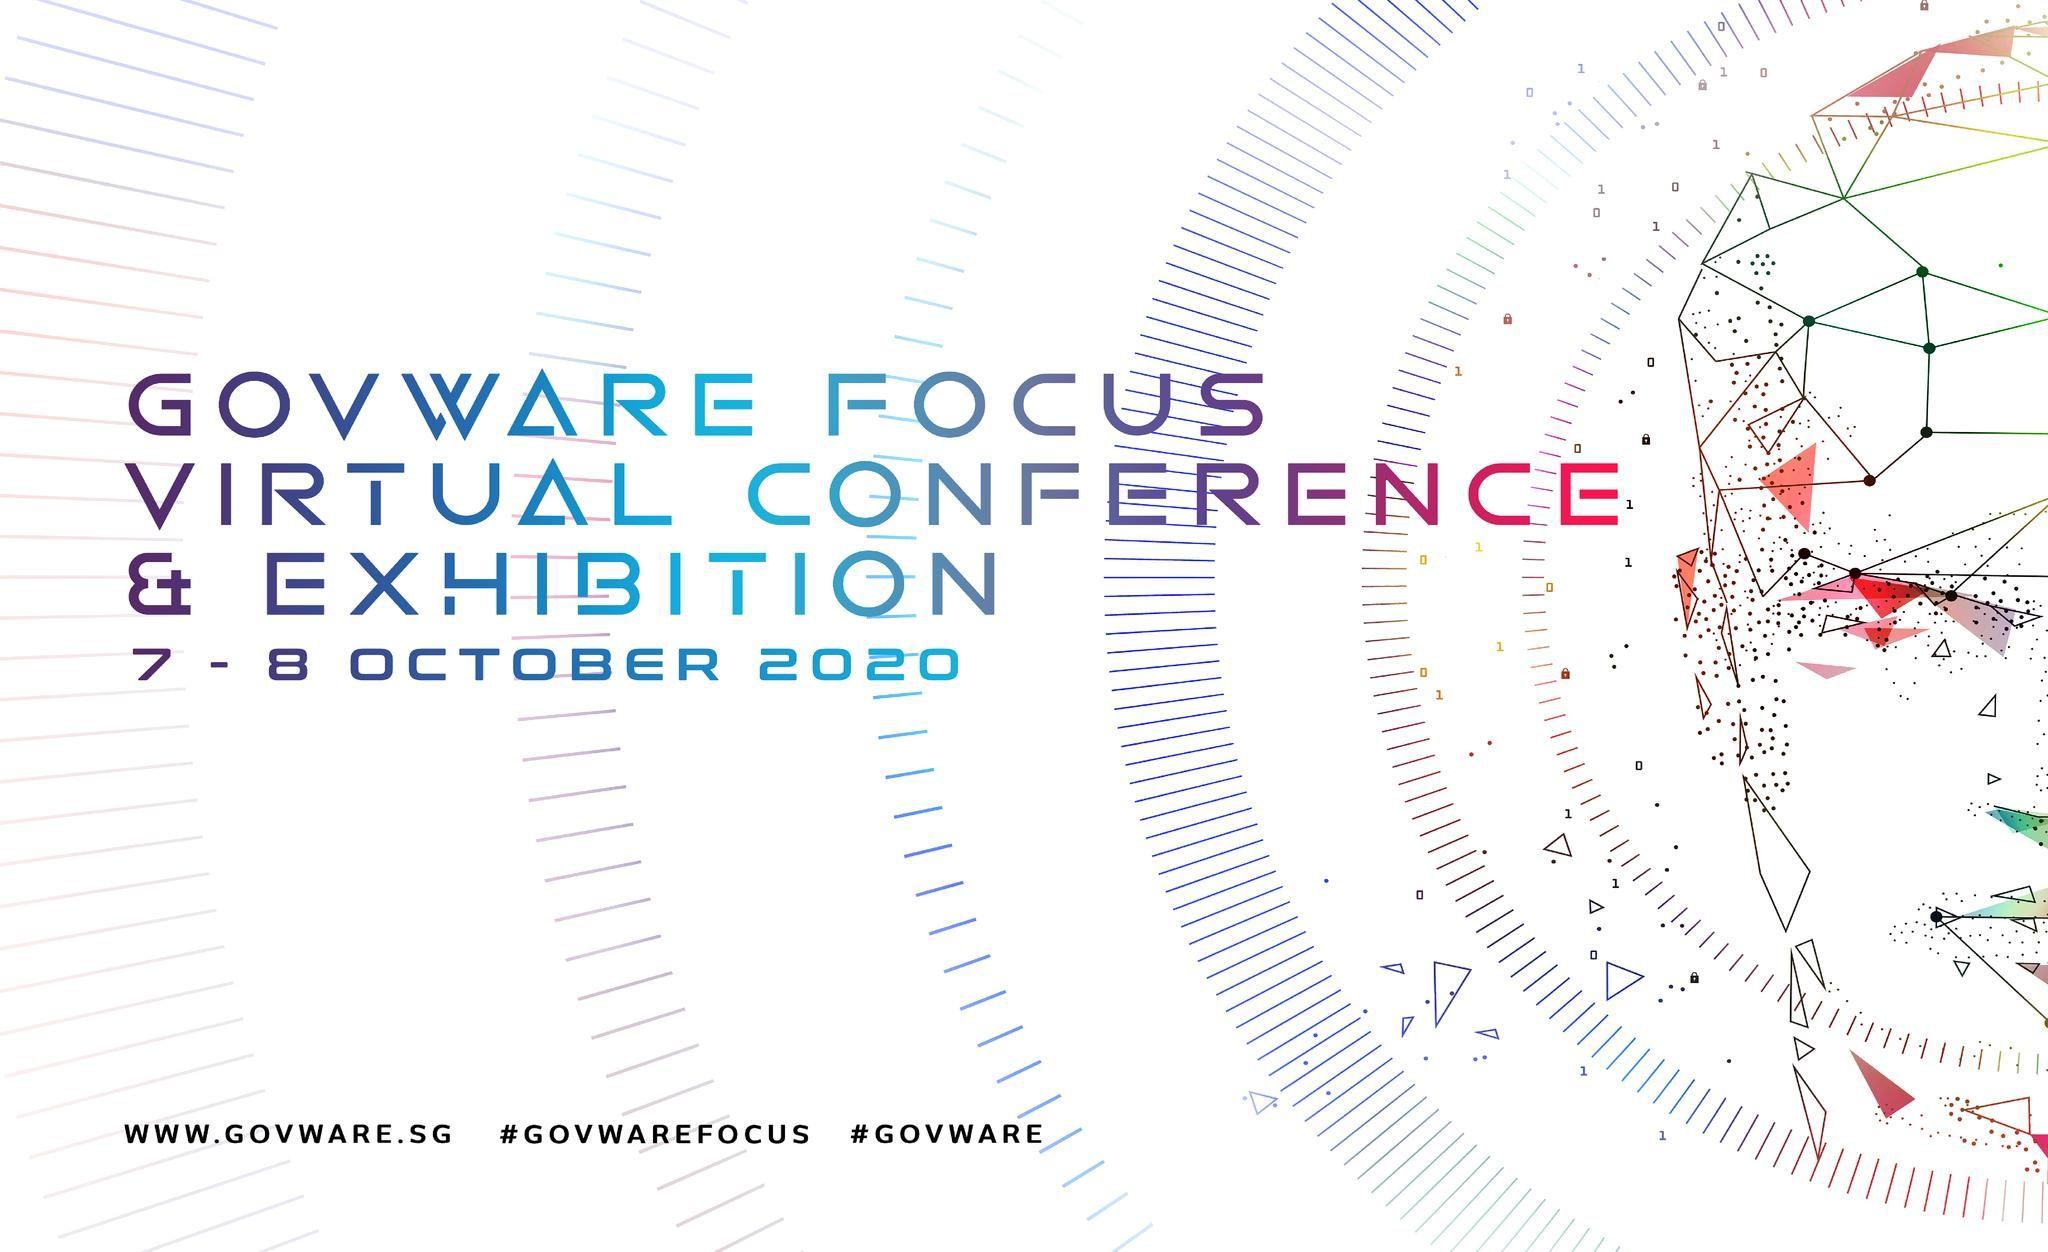 GovWare Focus